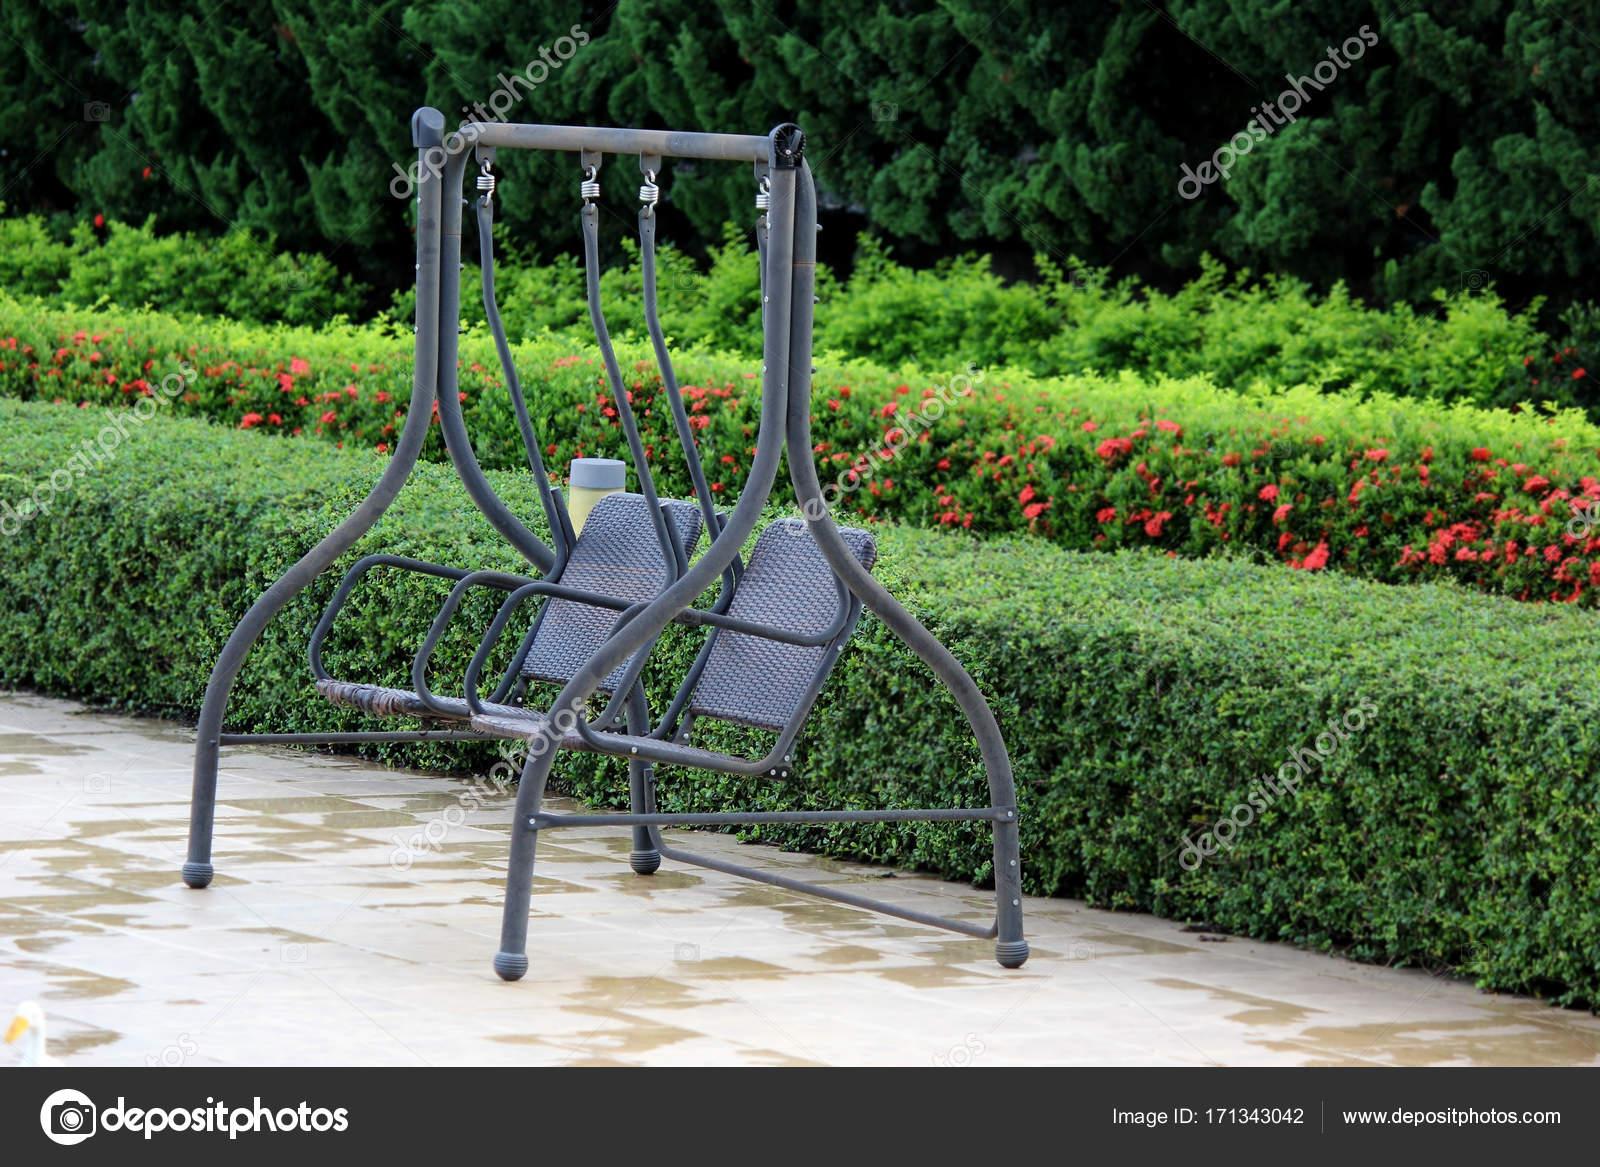 Lieblich Entspannt Nach Hause Garten Mit Einer Veranda Schaukel U2014 Stockfoto